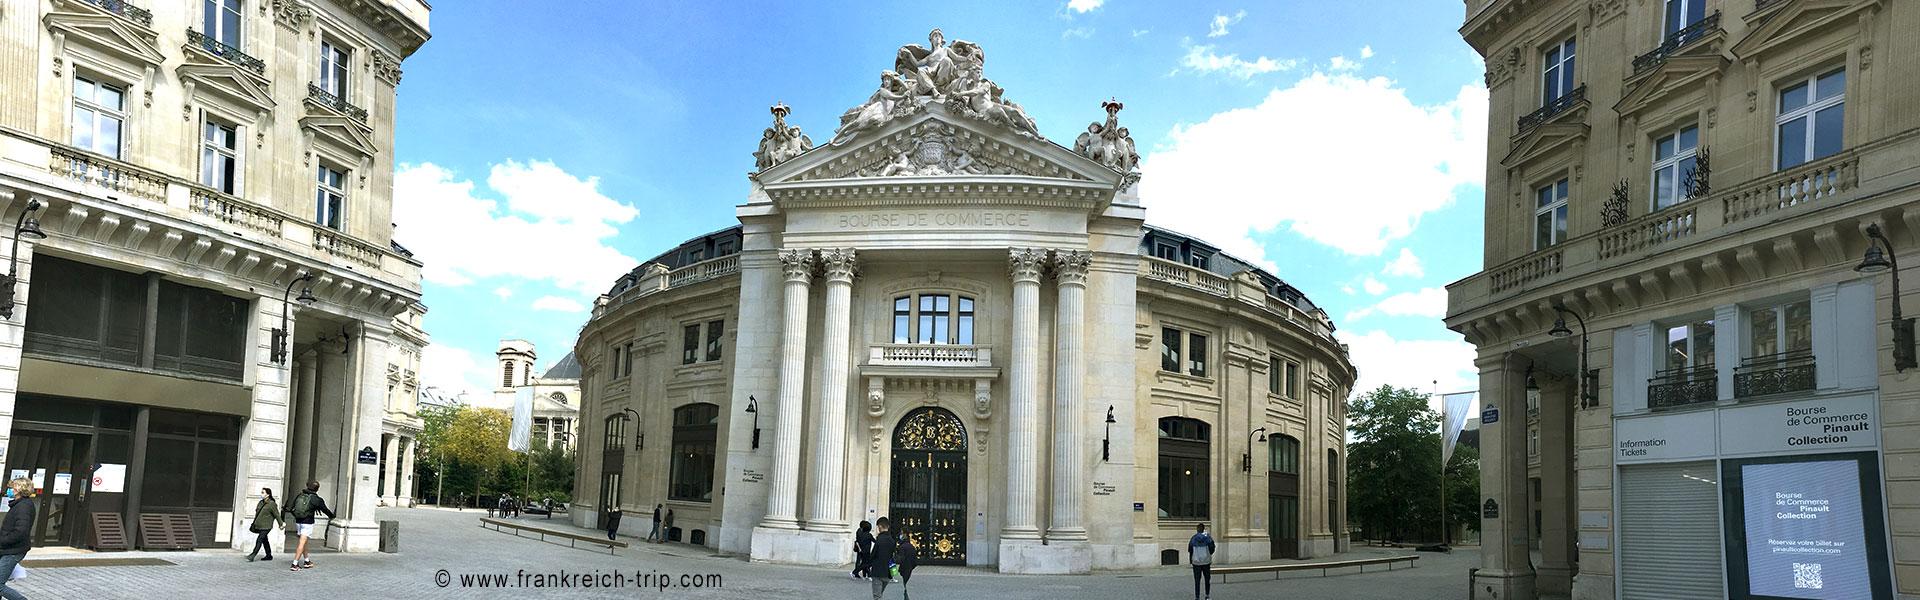 Bourse de Commerce - Pinault Collection, Paris